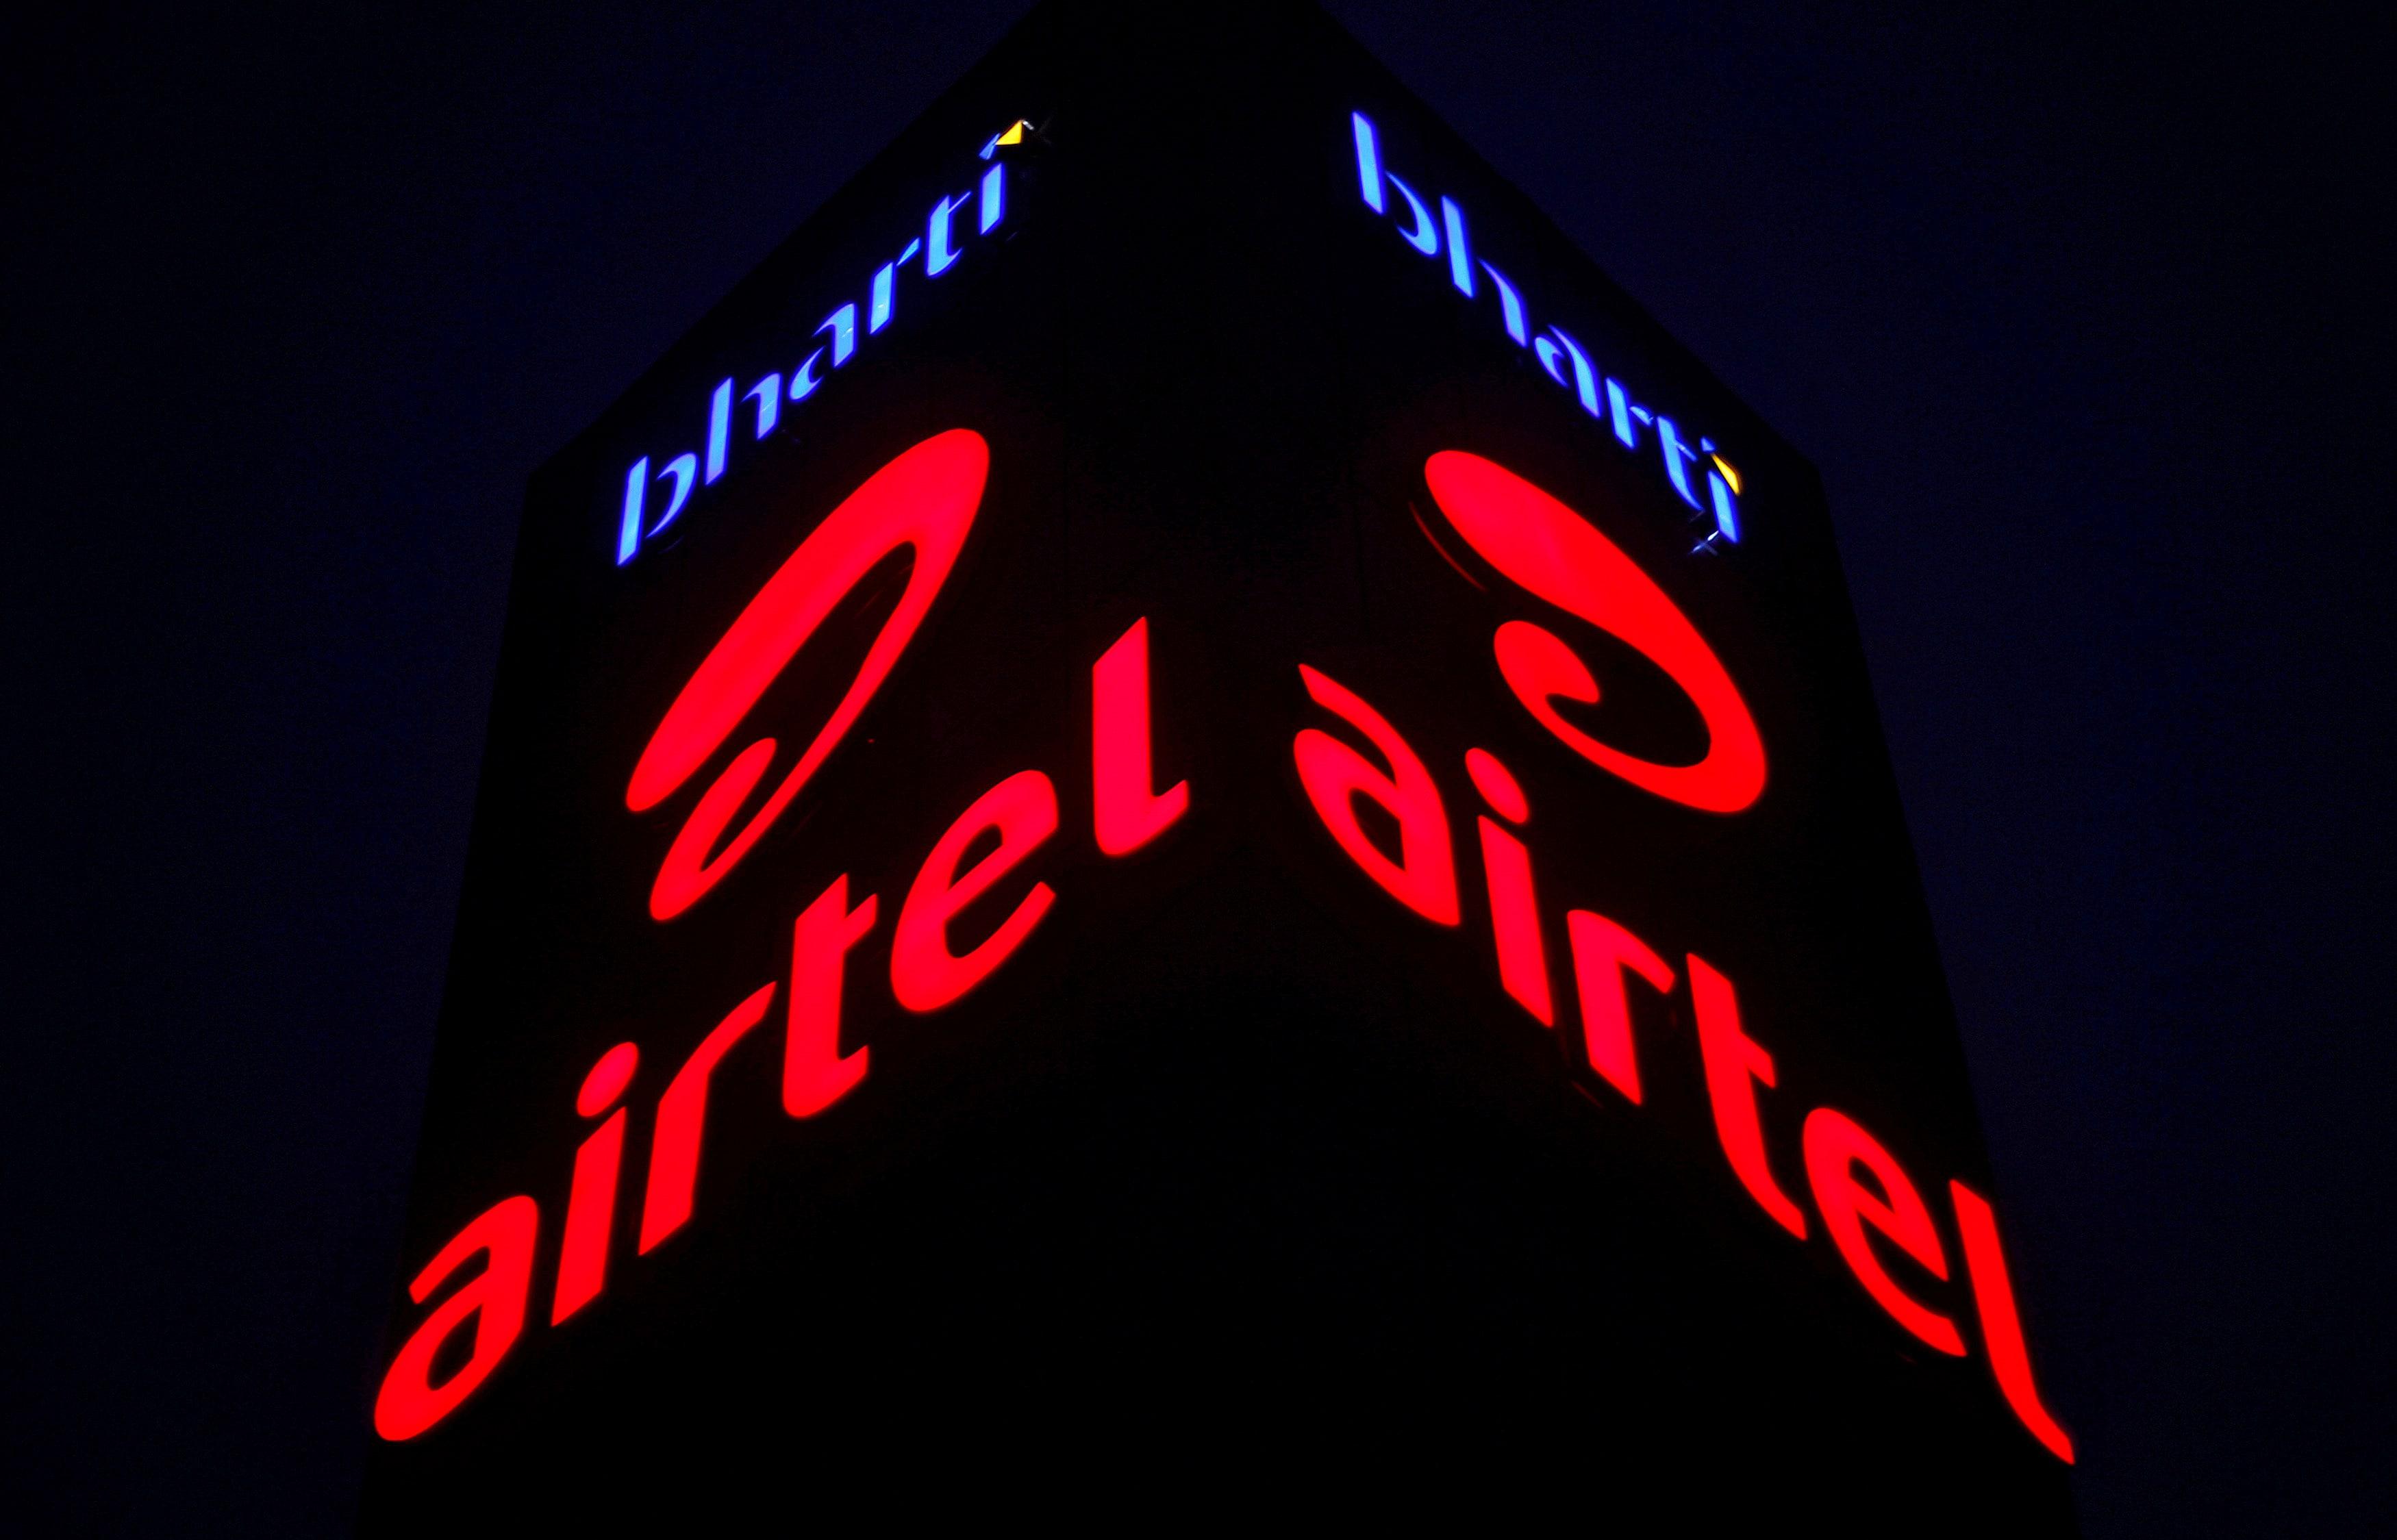 তবে গ্রাহকদের অনুরোধে এই প্ল্যান ফেরত আনল Airtel । এটিই Airtel-এর সবথেকে সস্তার একটি প্রিপেইড রিচার্জ প্ল্যান। ফাইল ছবি : রয়টার্স (Reuters)